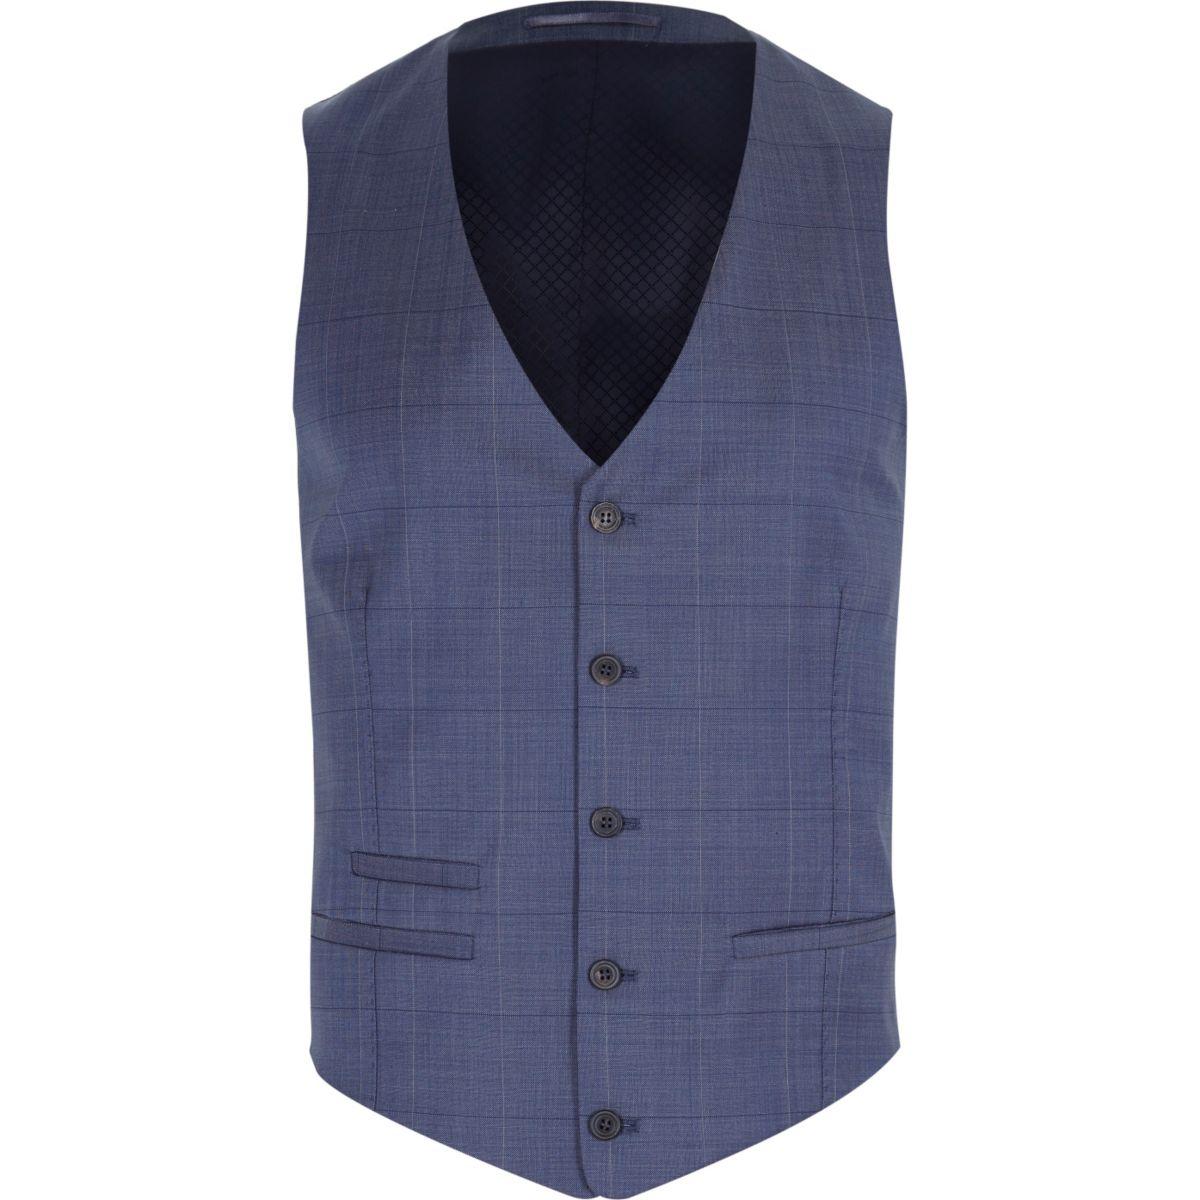 Gilet à carreaux discret bleu en laine mélangée